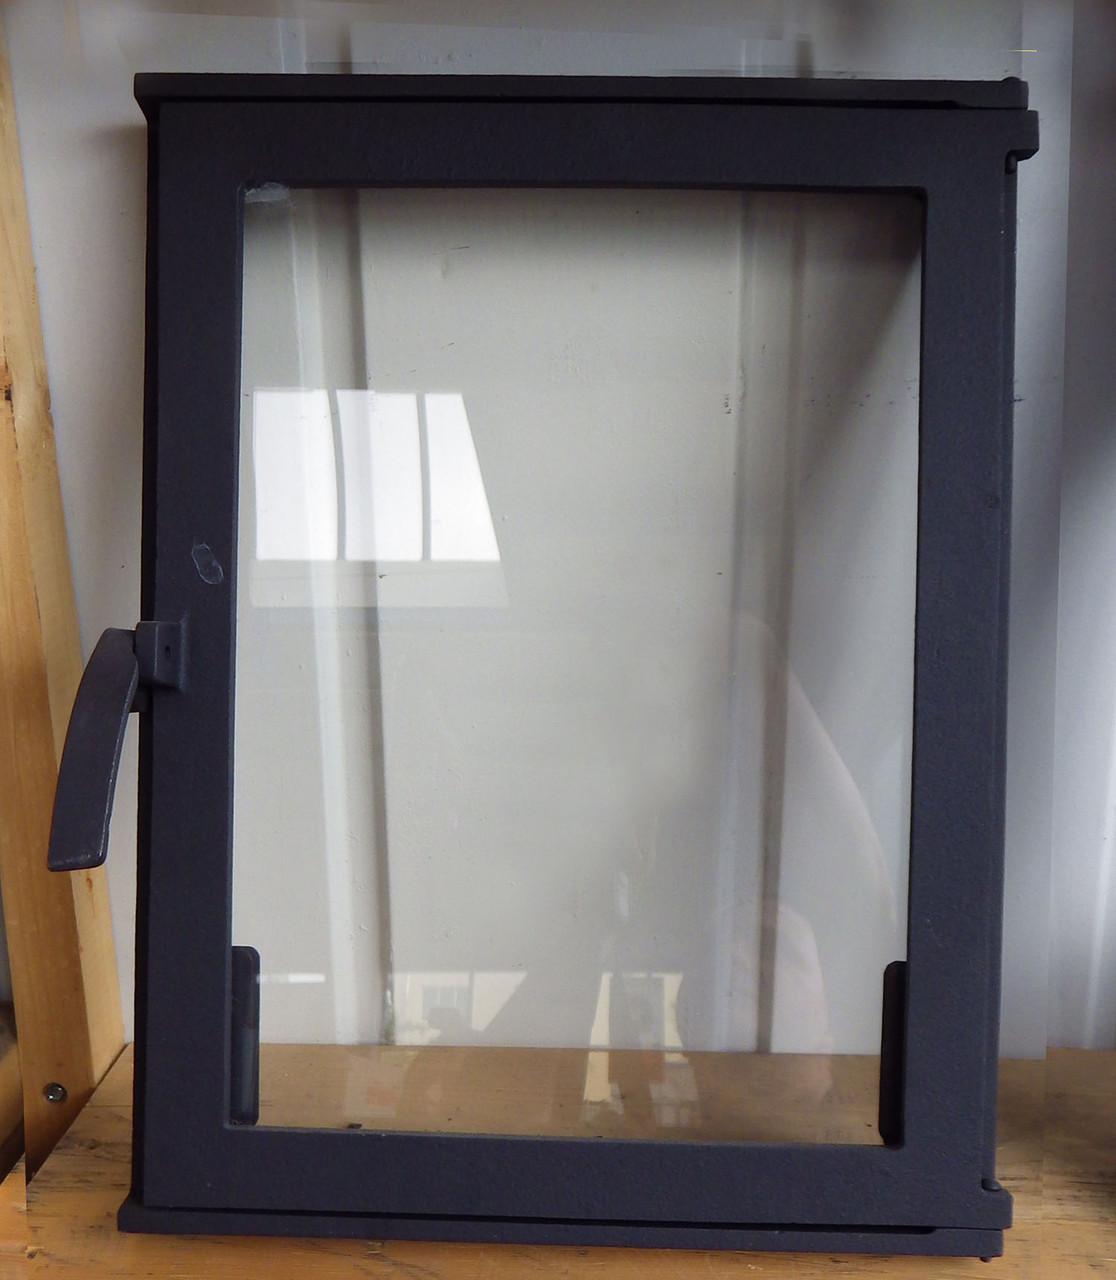 Чугунные дверцы для камина с большим стеклом -VVK 59х40.5см/55х36см